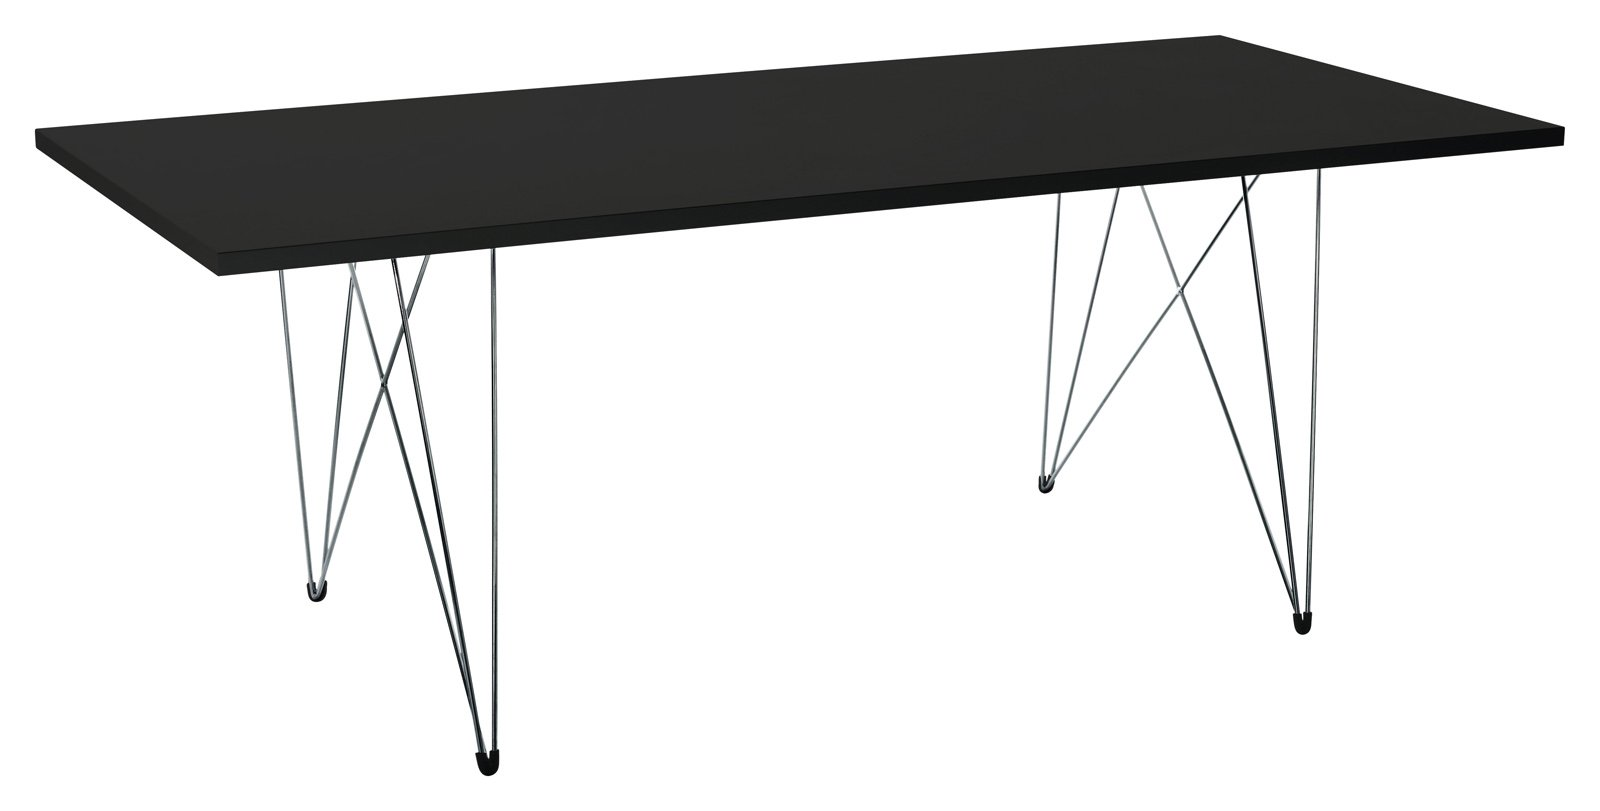 Tavolo Con Il Piano Realizzato In Pregiato Legno Iroko La Struttura ...